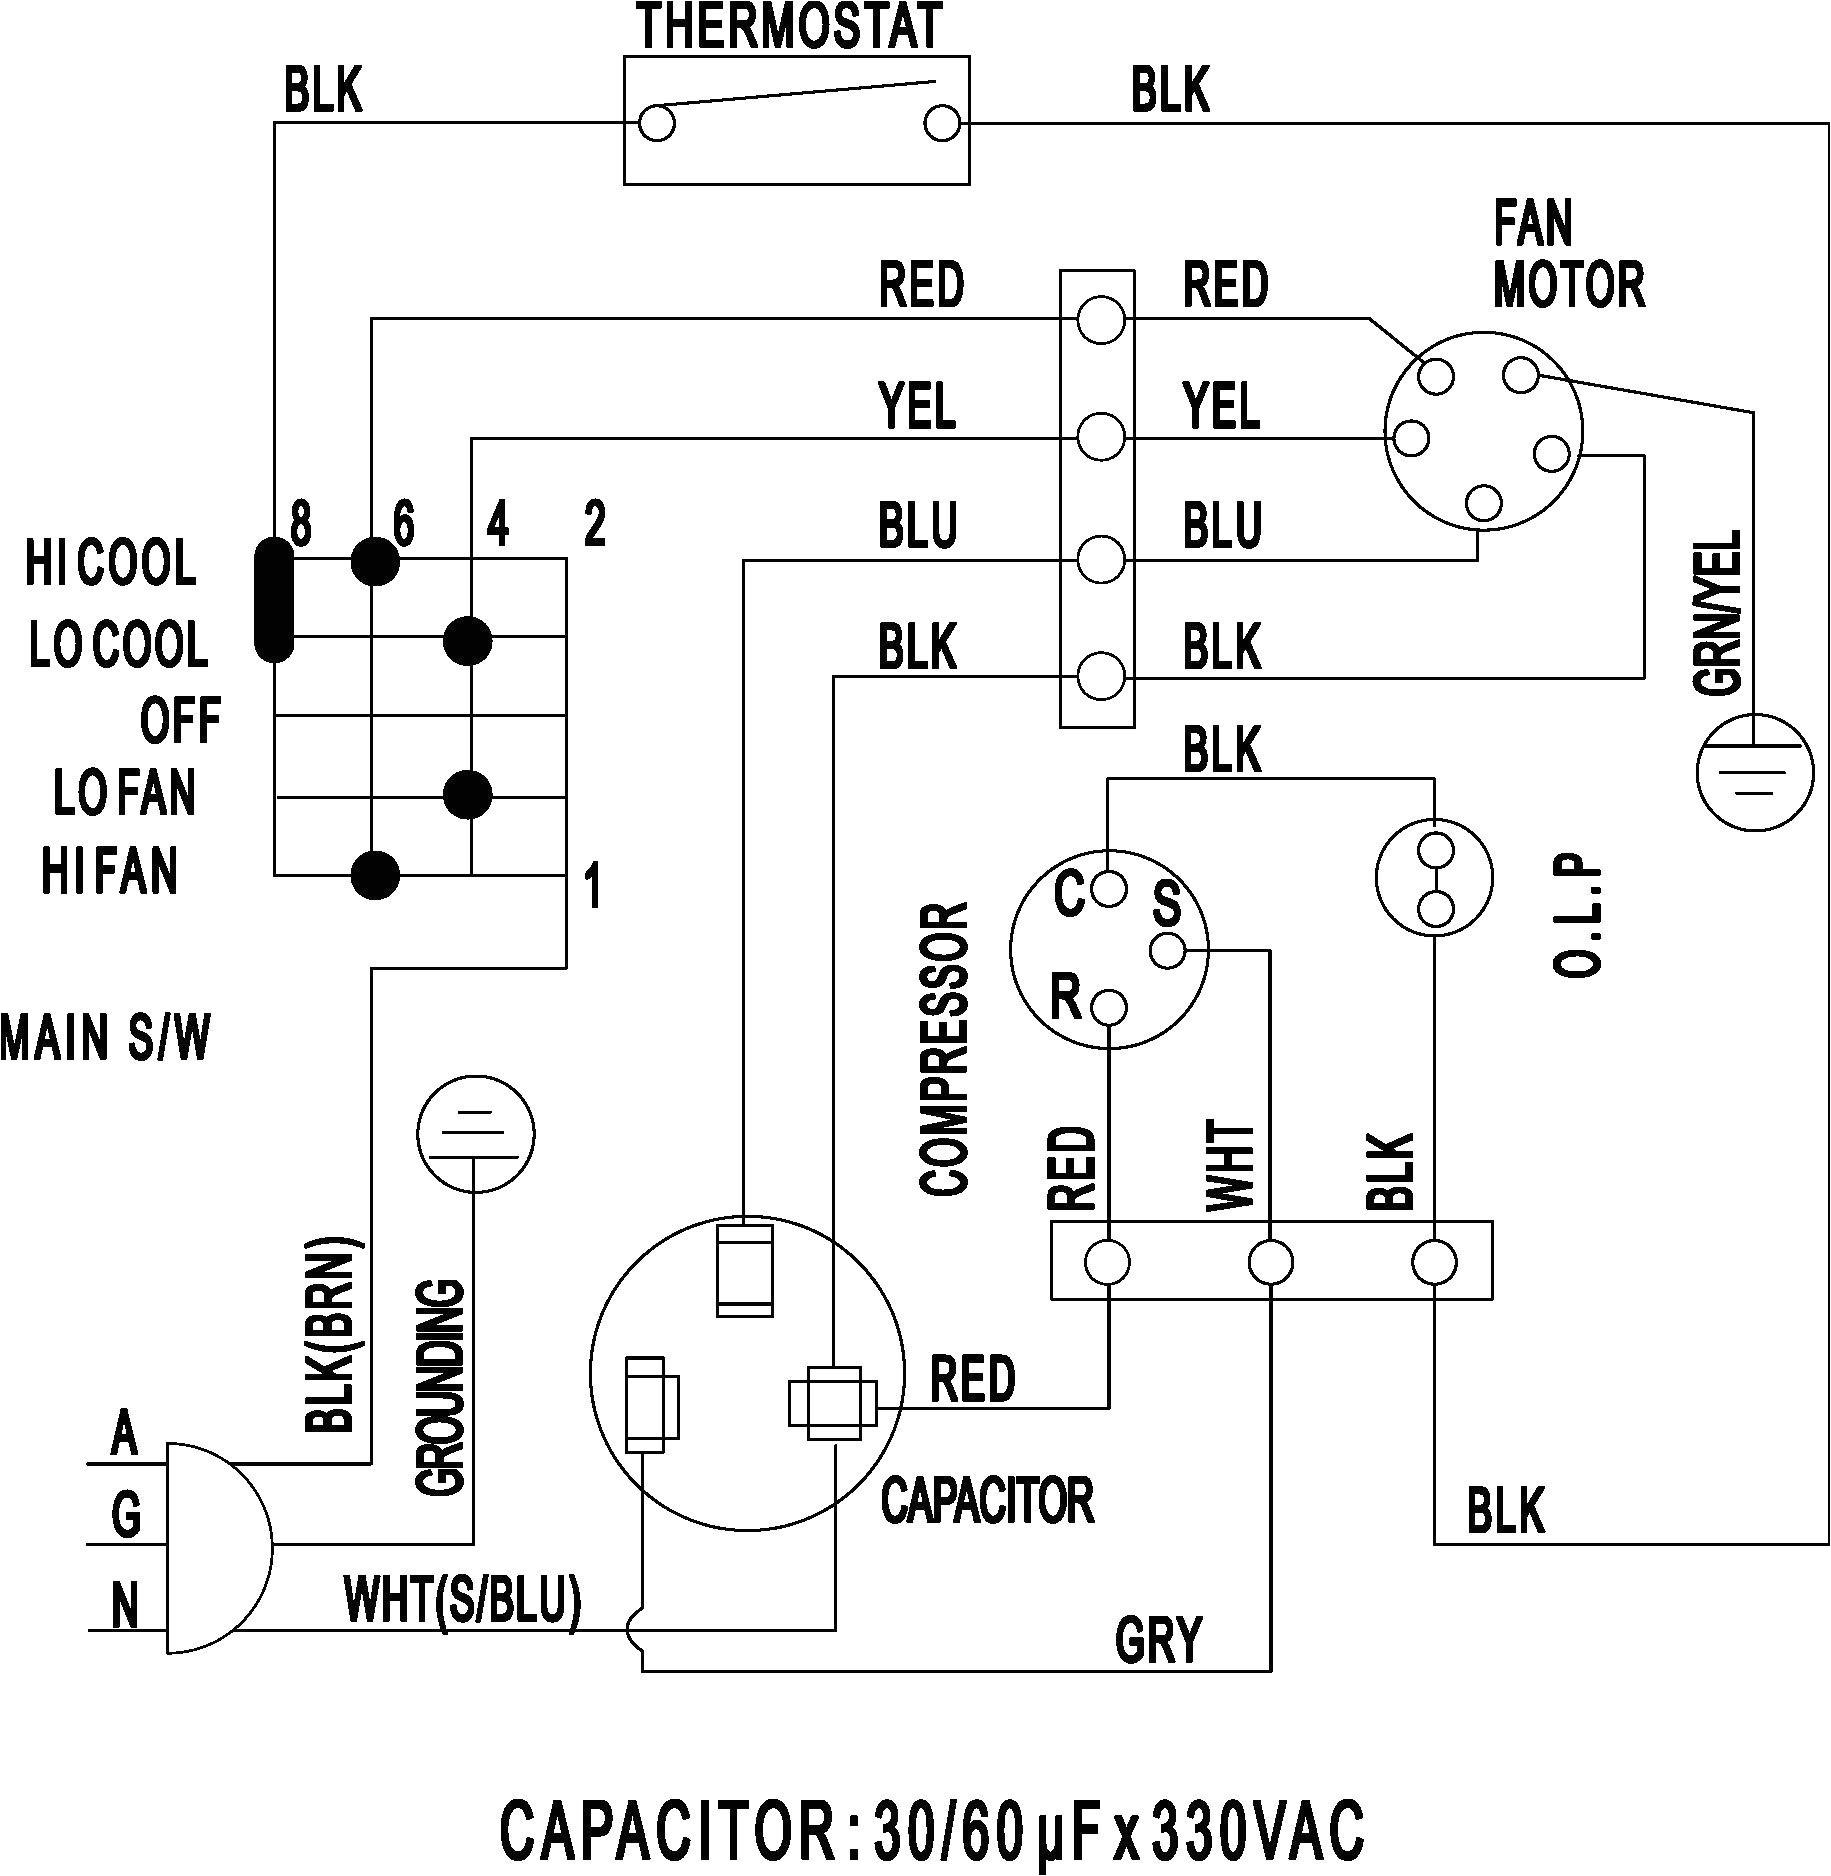 Air Conditioner Wiring Diagram Pdf Hvac Ac Diagram Wiring Diagram Database